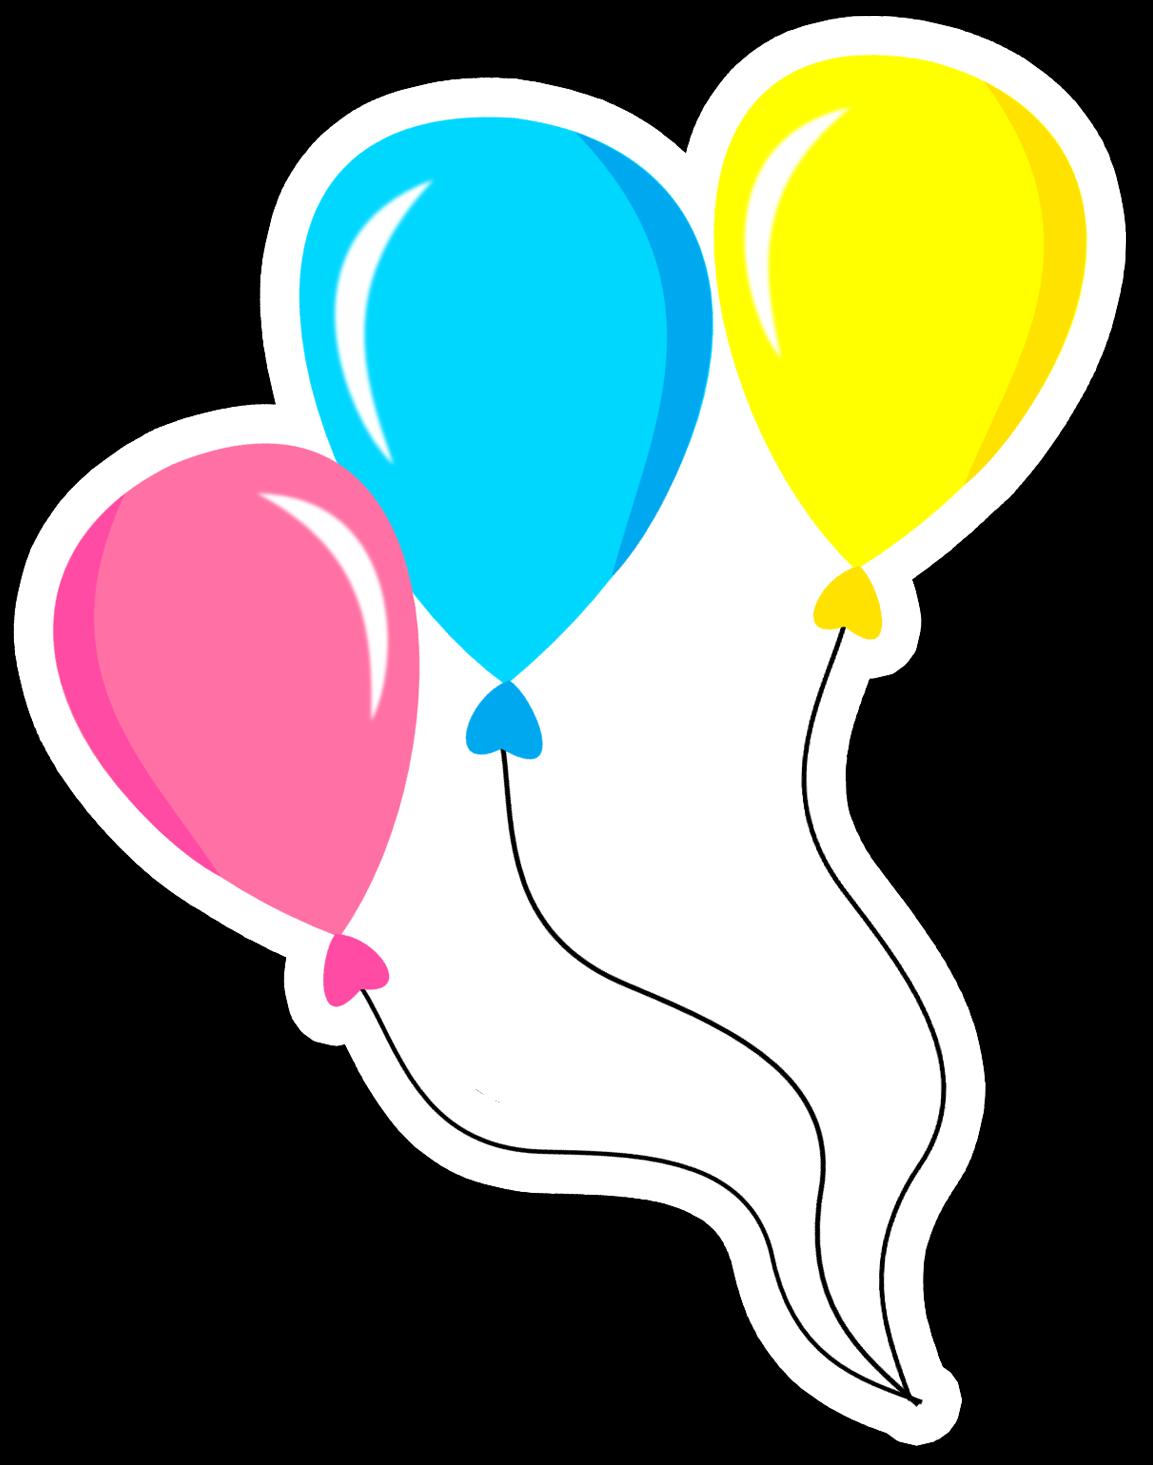 Clipart balloon circus. Bal es contorno branco